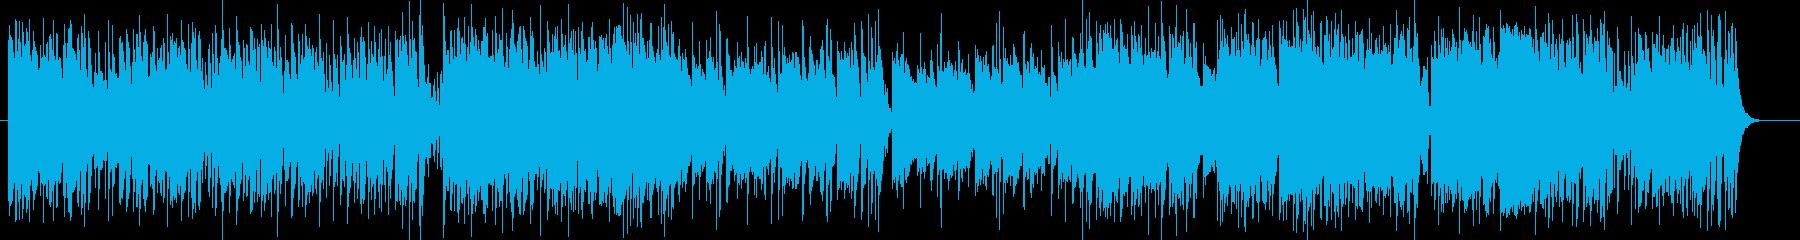 跳ねるようなリズムのシンセポップの再生済みの波形